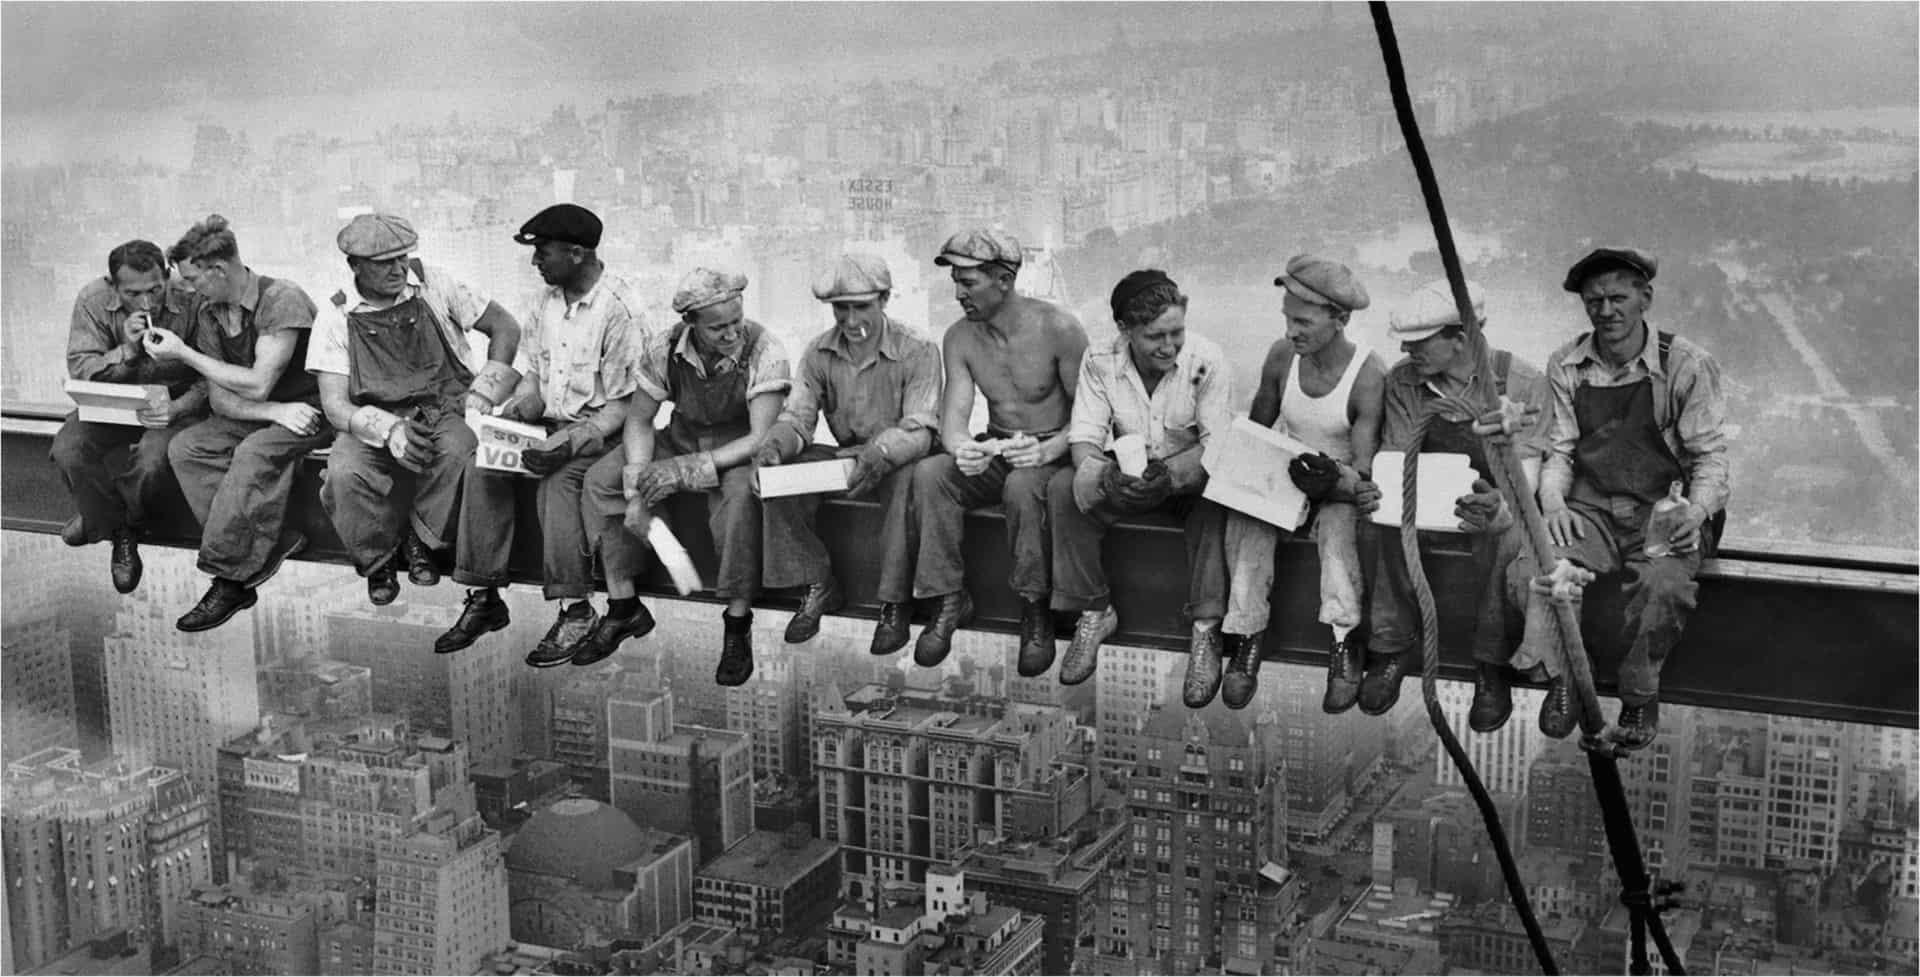 Iron Walker beim Bau eines Wolkenkratzer und Pause in luftiger Höhe Foto public domain